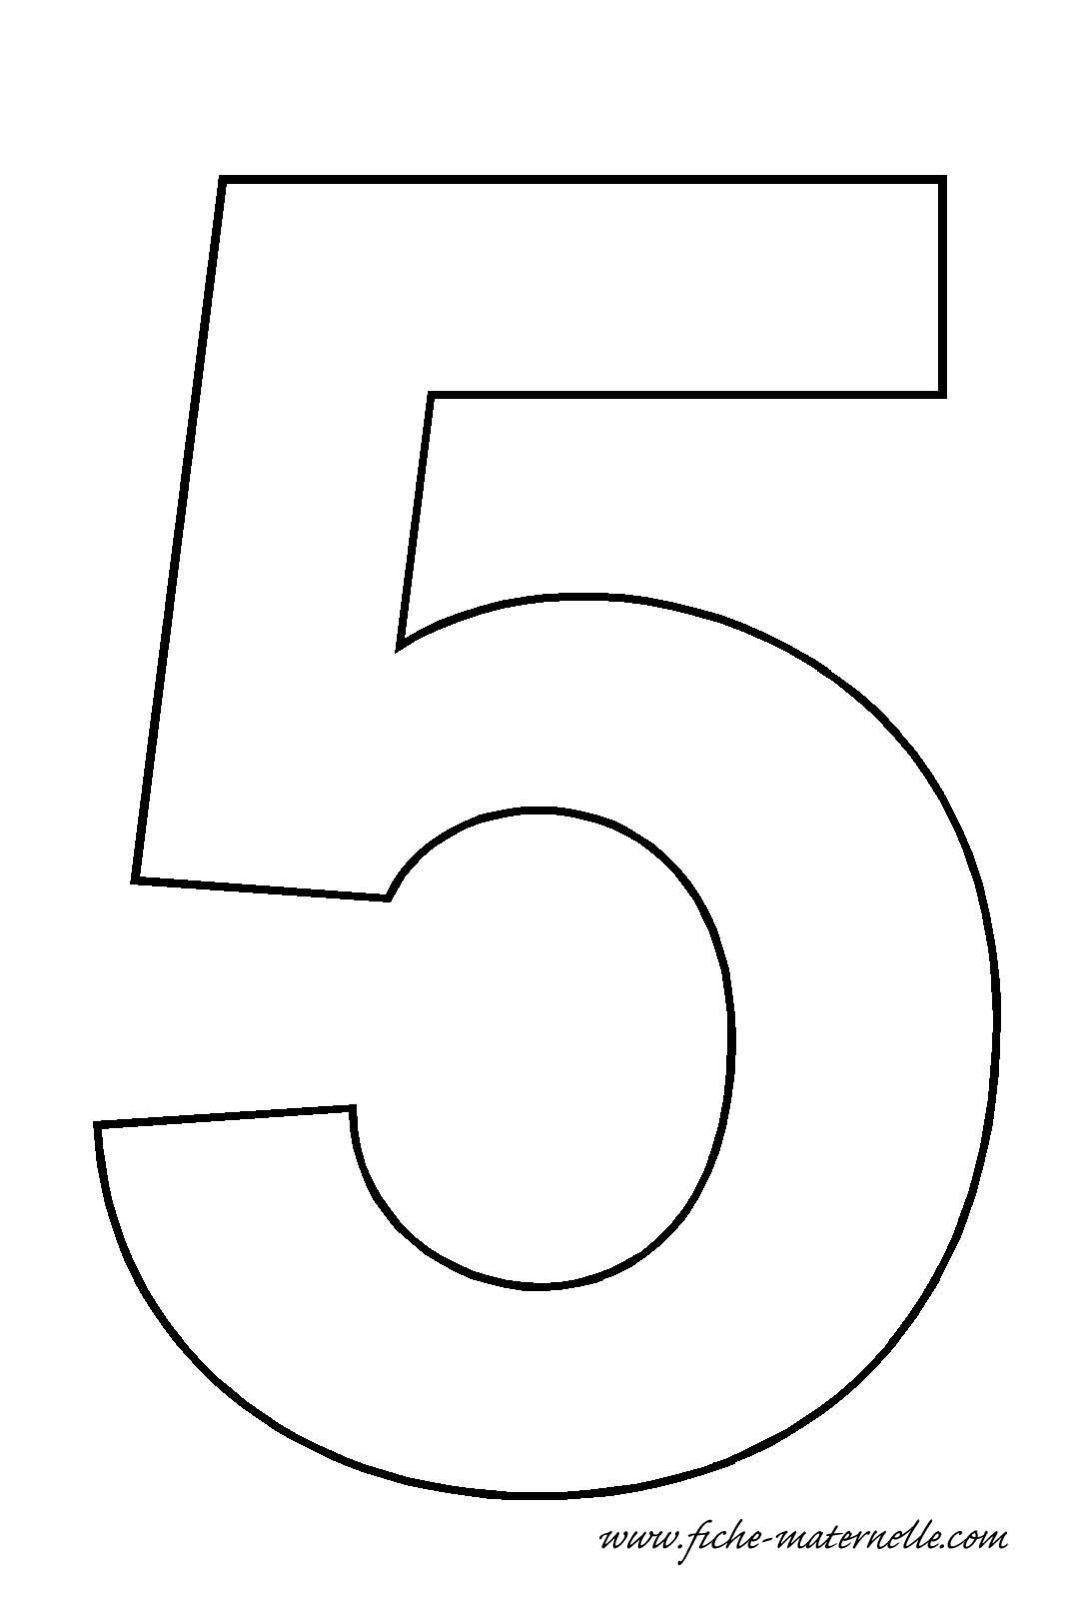 Pin By Jose Overtoom On Cijfers En Getallen